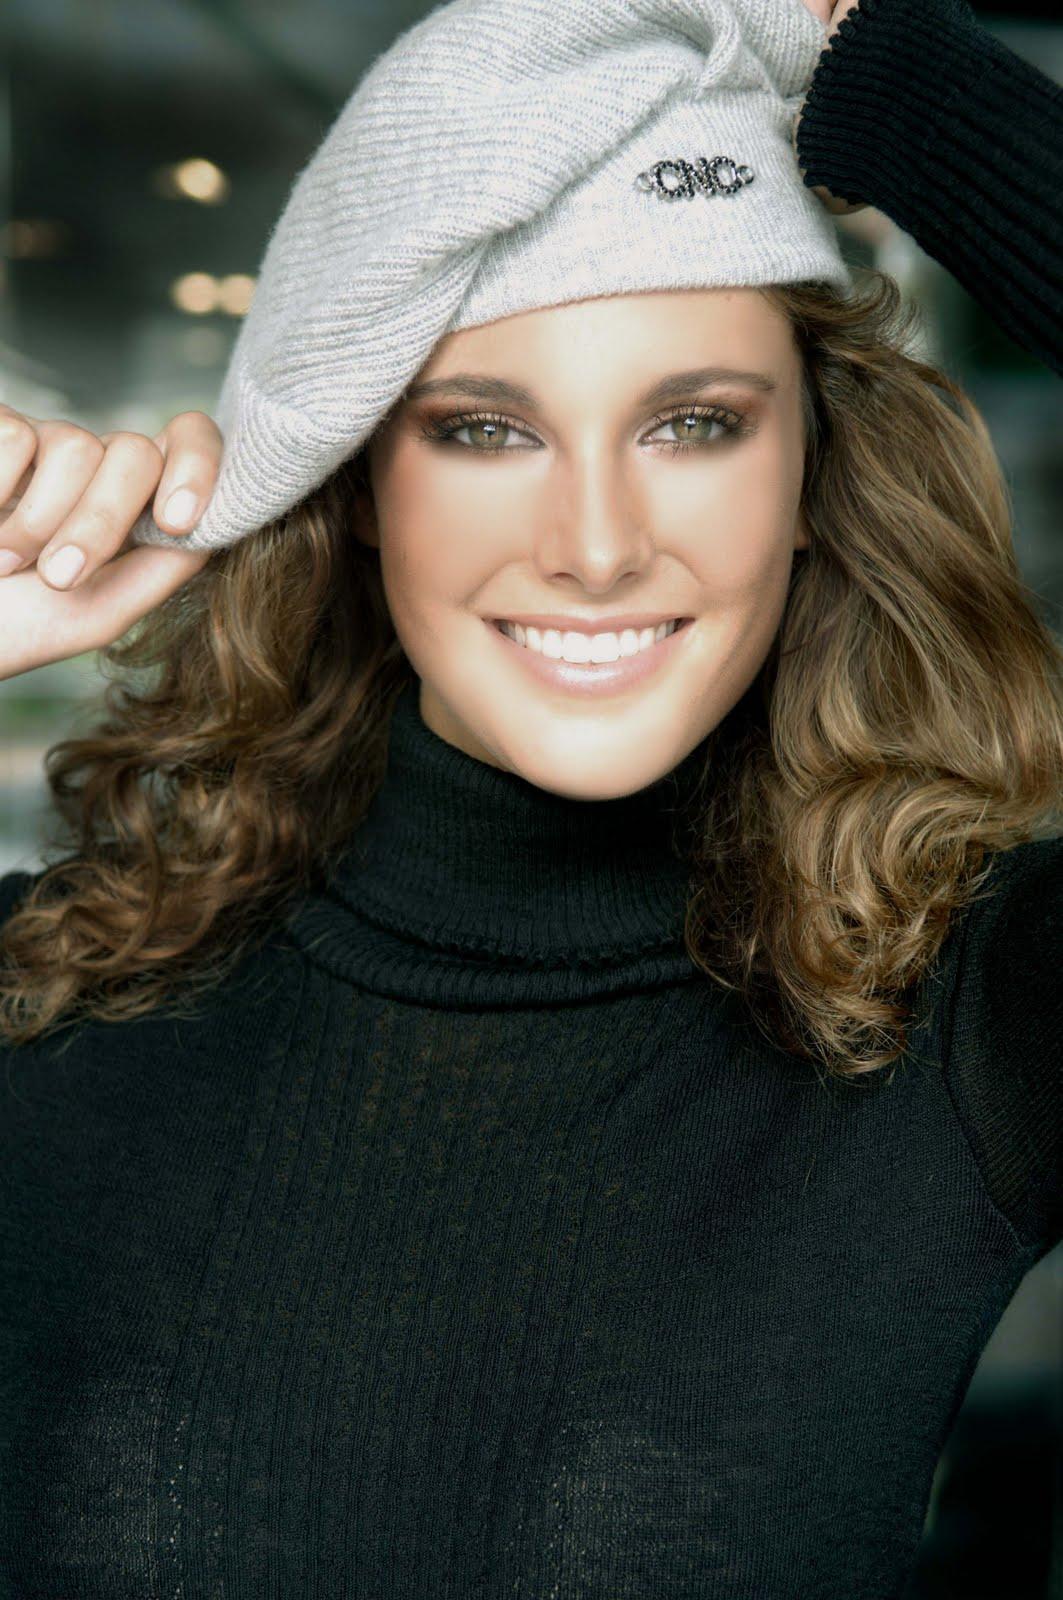 Alejandra Andreu hot photo